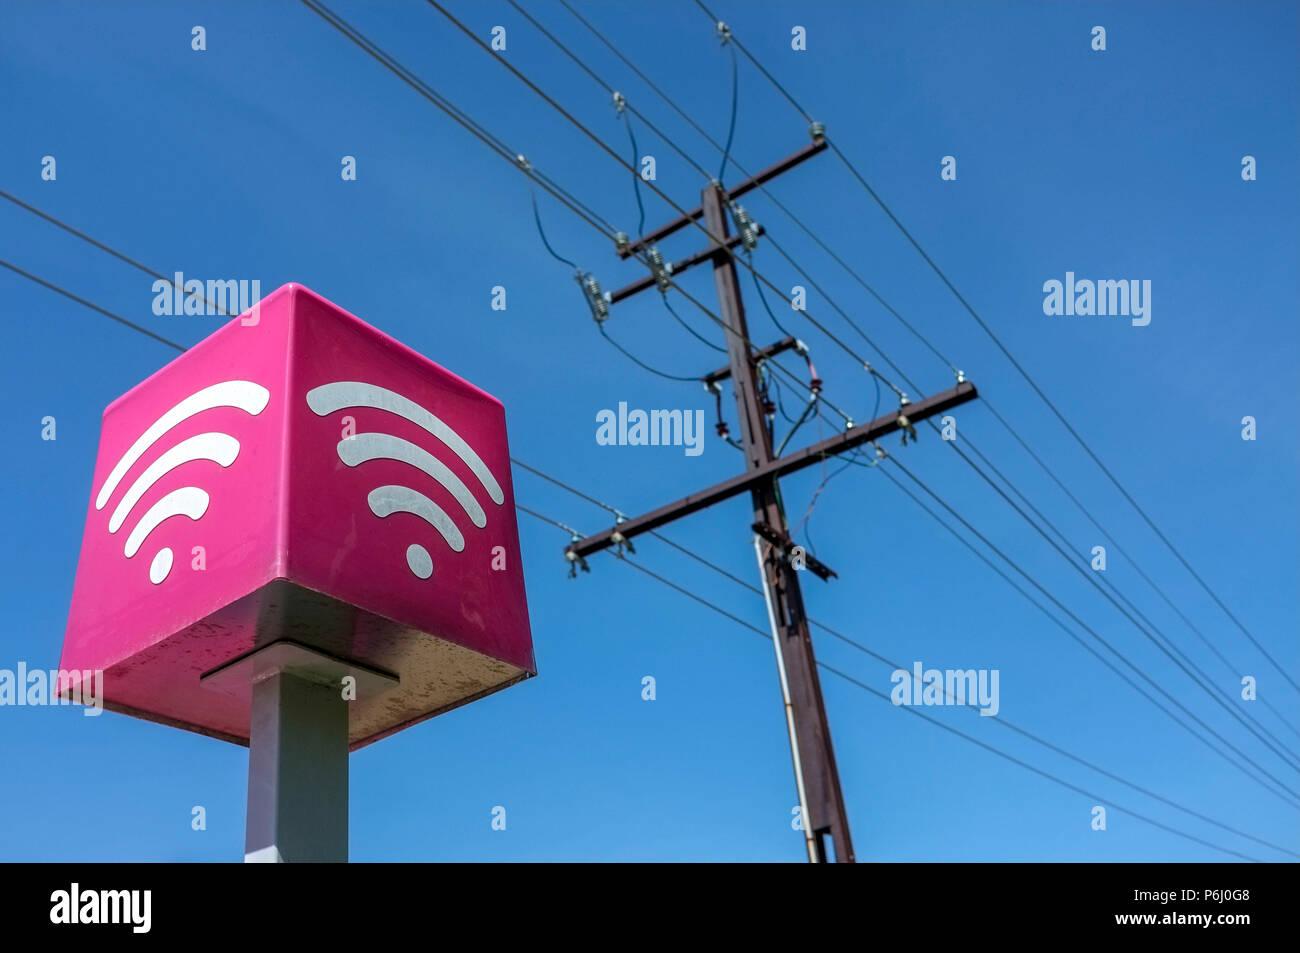 Les lignes de téléphone et une connexion Wi-Fi gratuite signe, contre un ciel bleu. Photo Stock